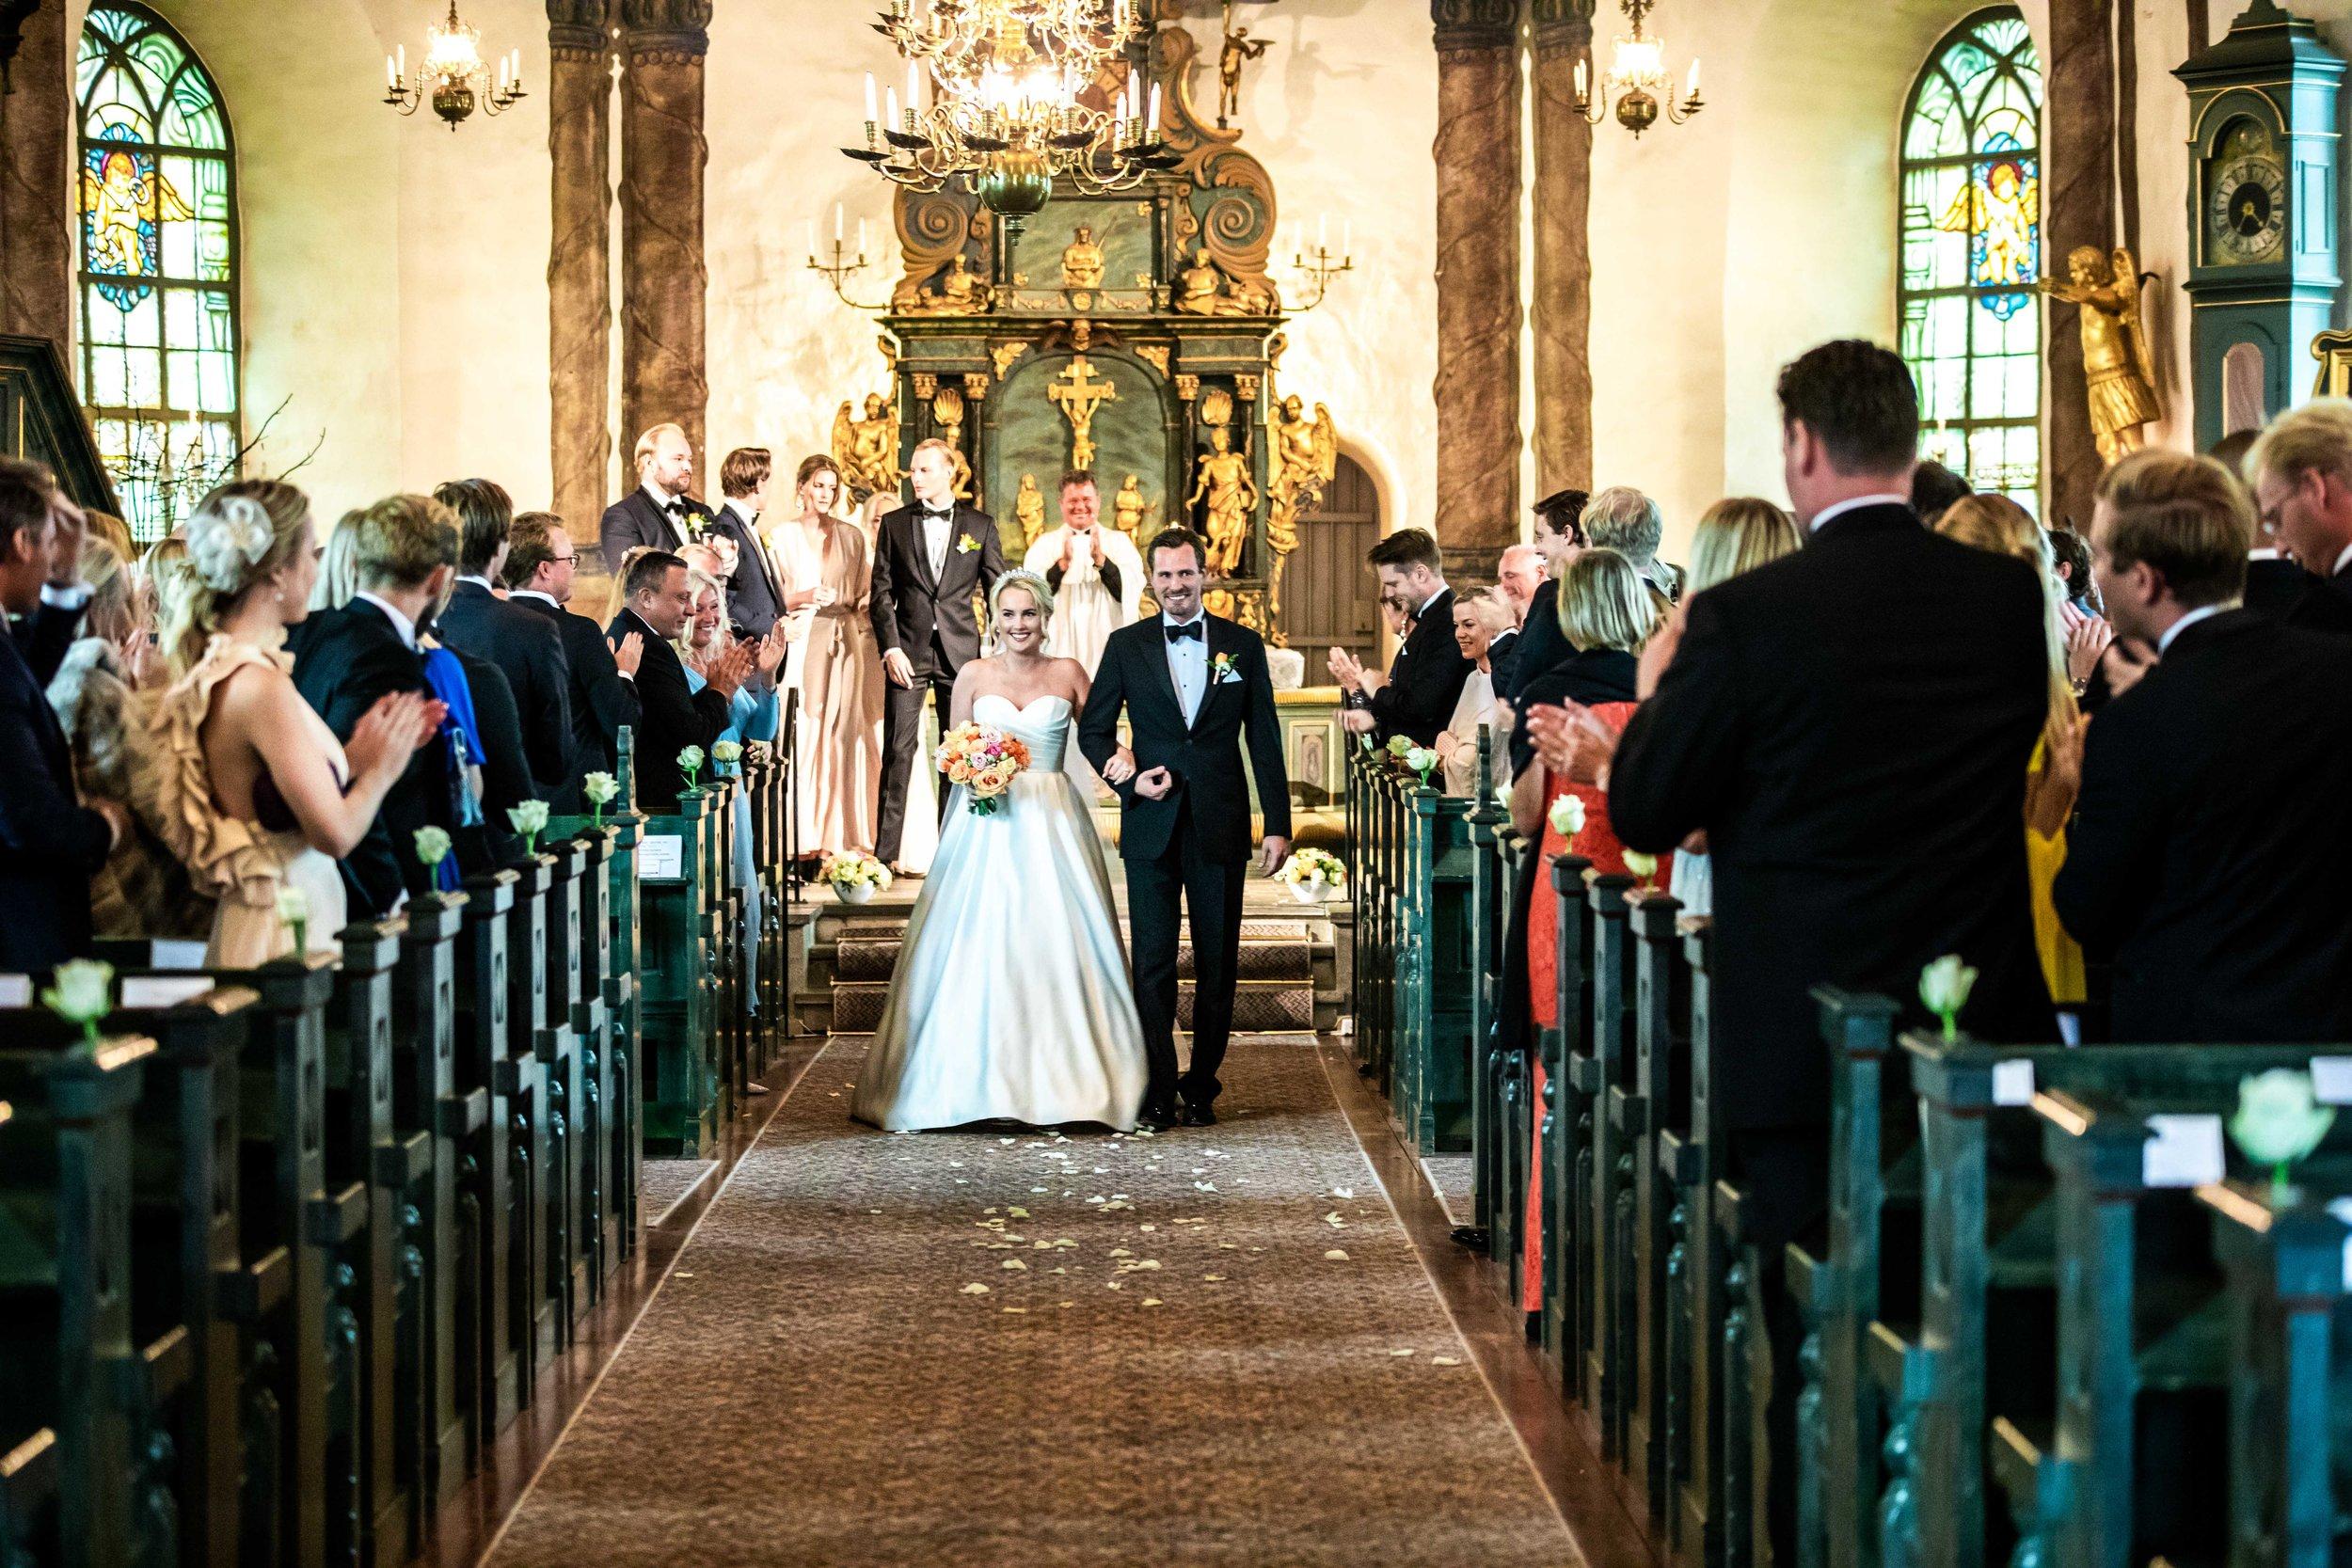 180818_fausko_sverige_dømleherregård_mariaogjoachim_bryllup_utgang-4.jpg